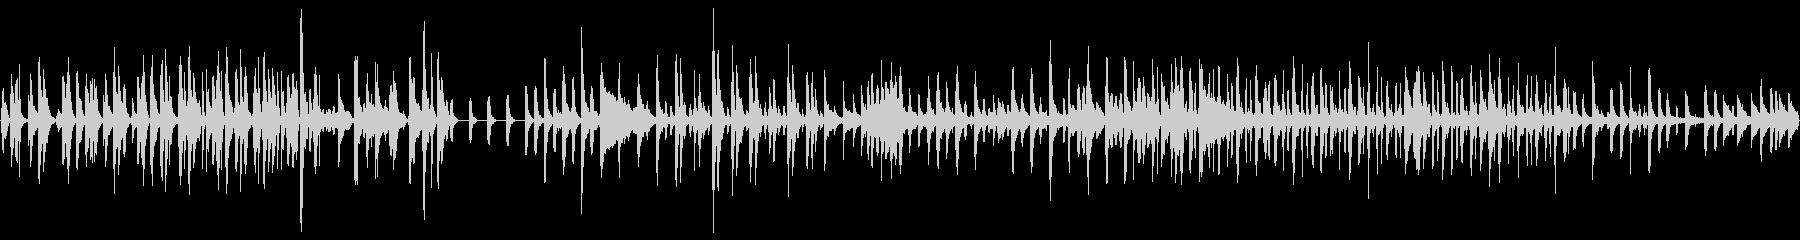 打楽器のBGMの未再生の波形